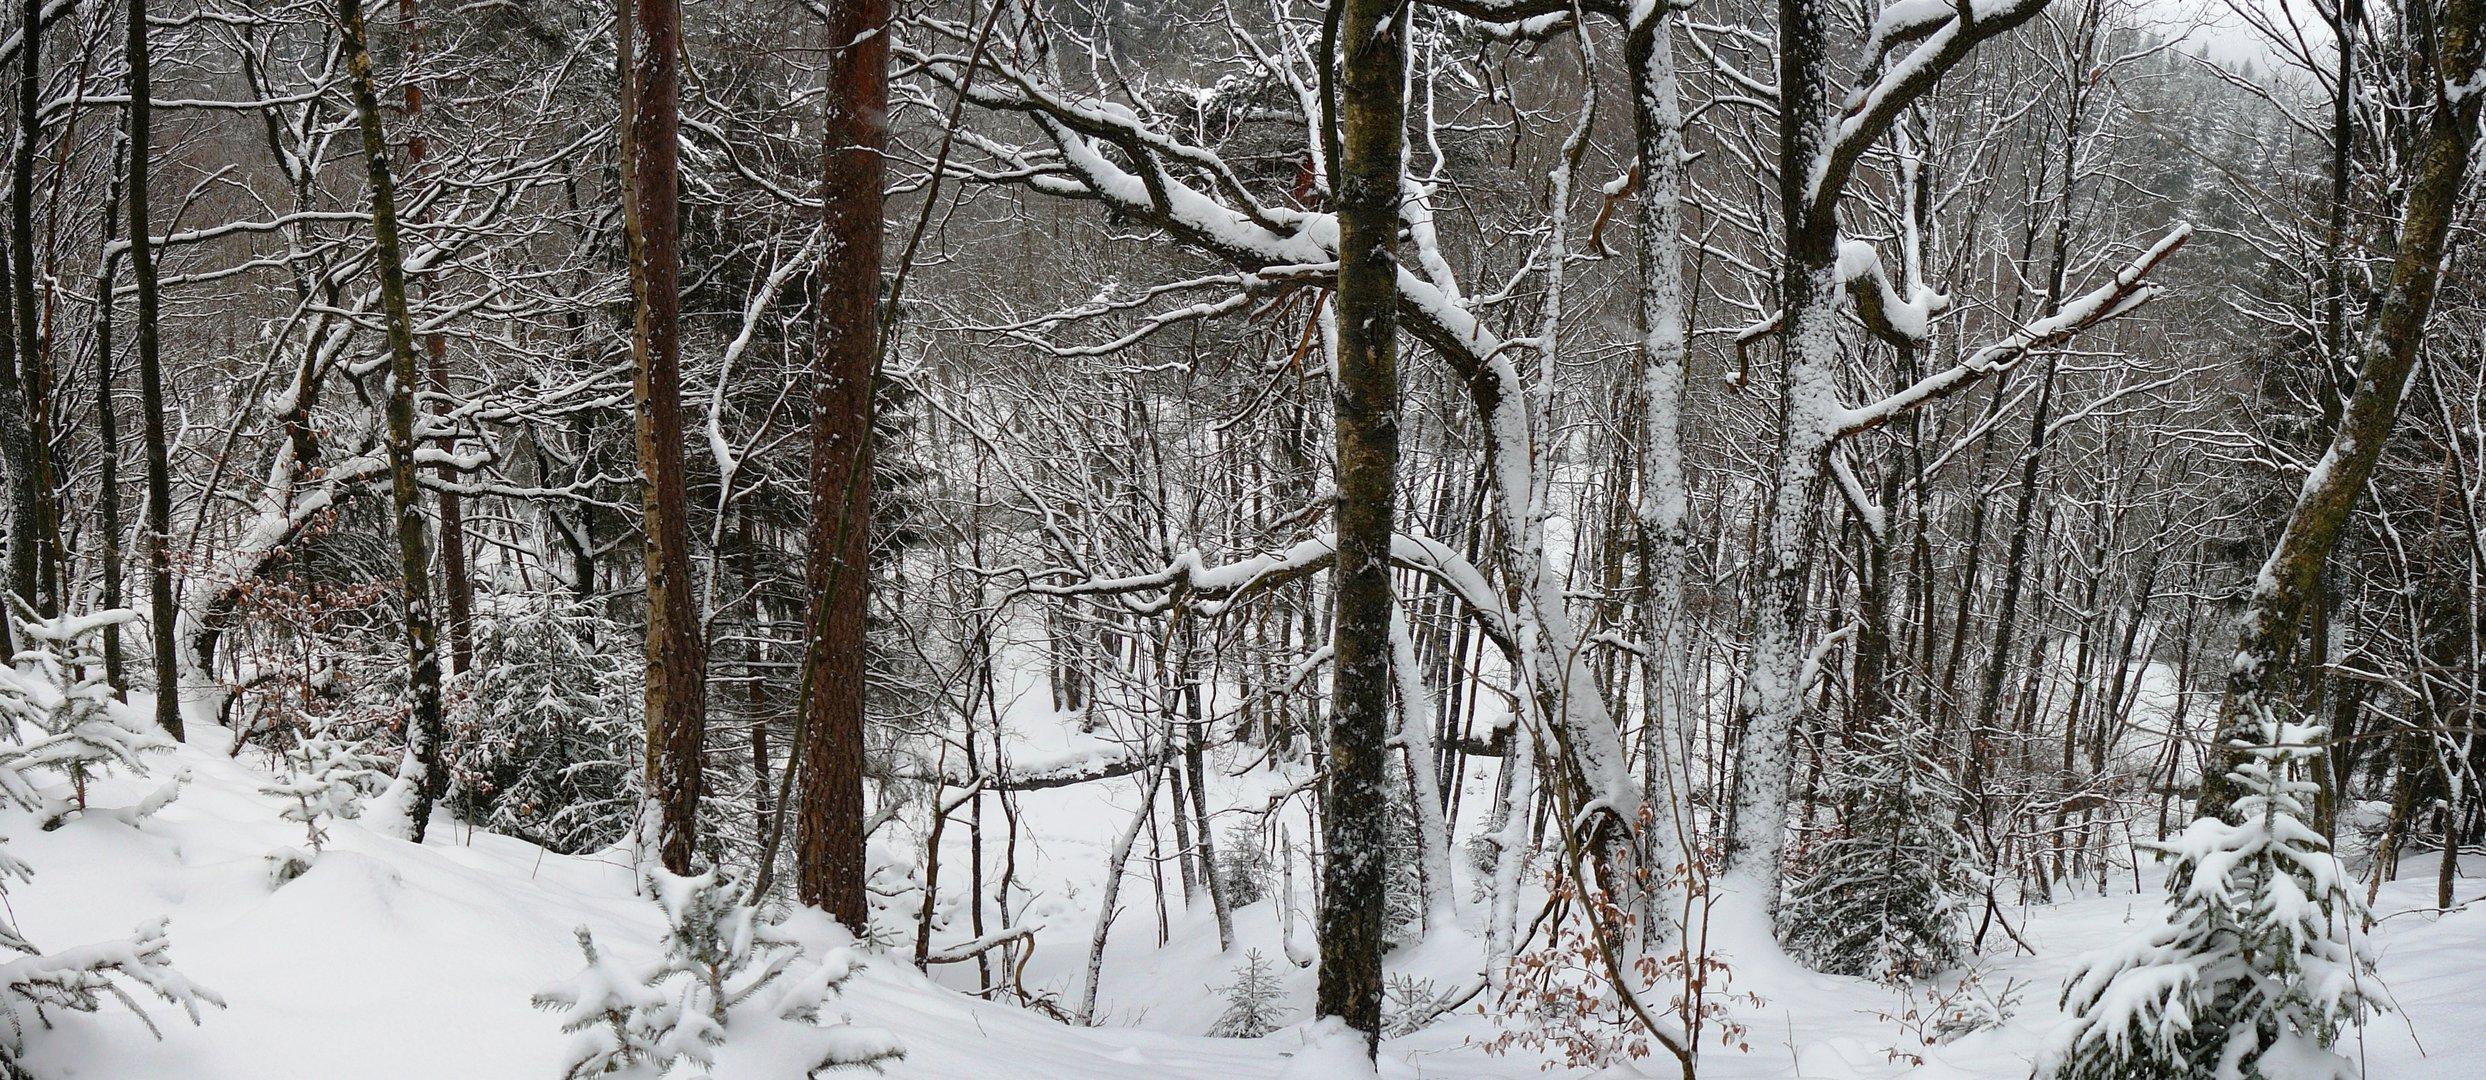 Winterwald - und man sieht gar nicht, dass es steil nach unten geht...